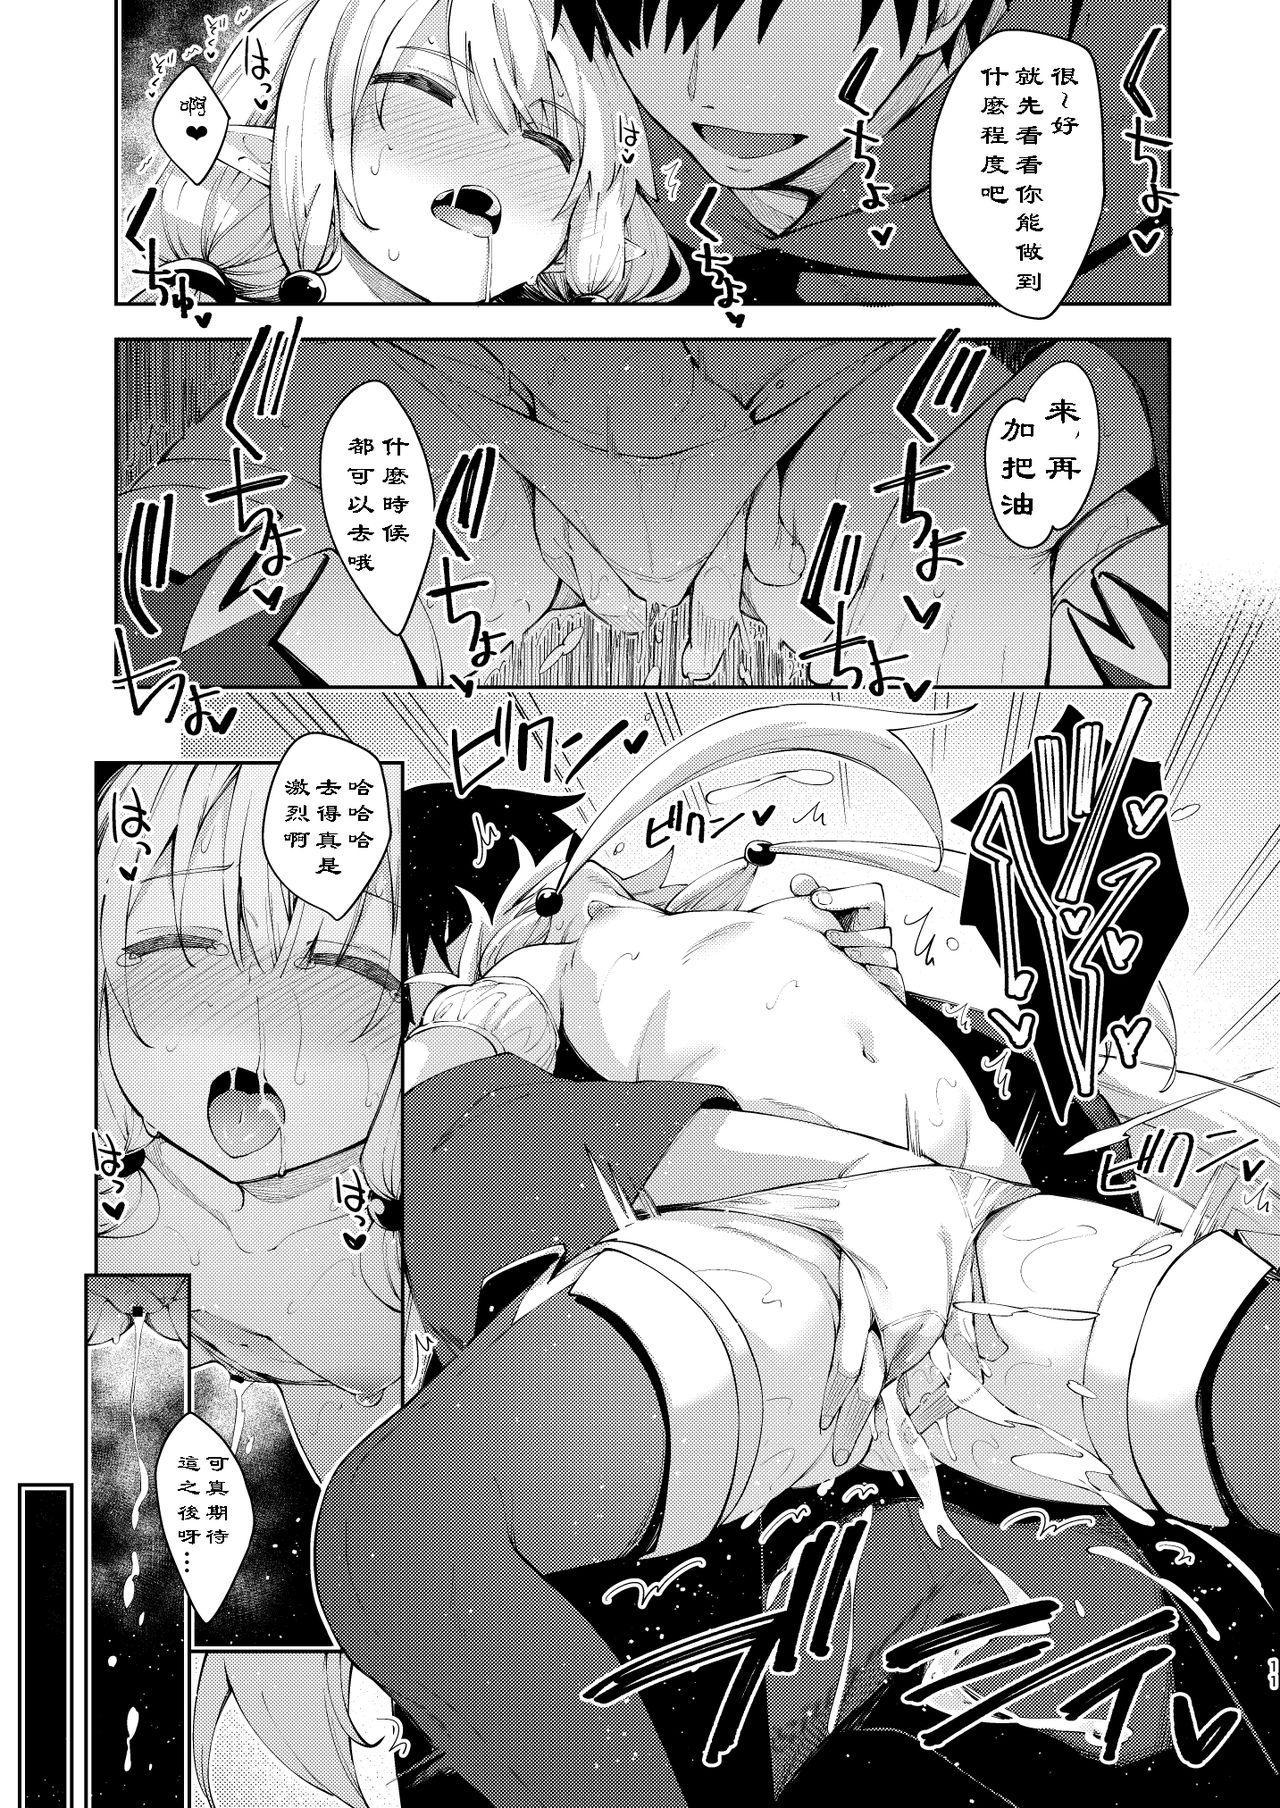 Isekai Kita no de Mahou o Sukebe na Koto ni Riyou Shiyou to Omou II 10